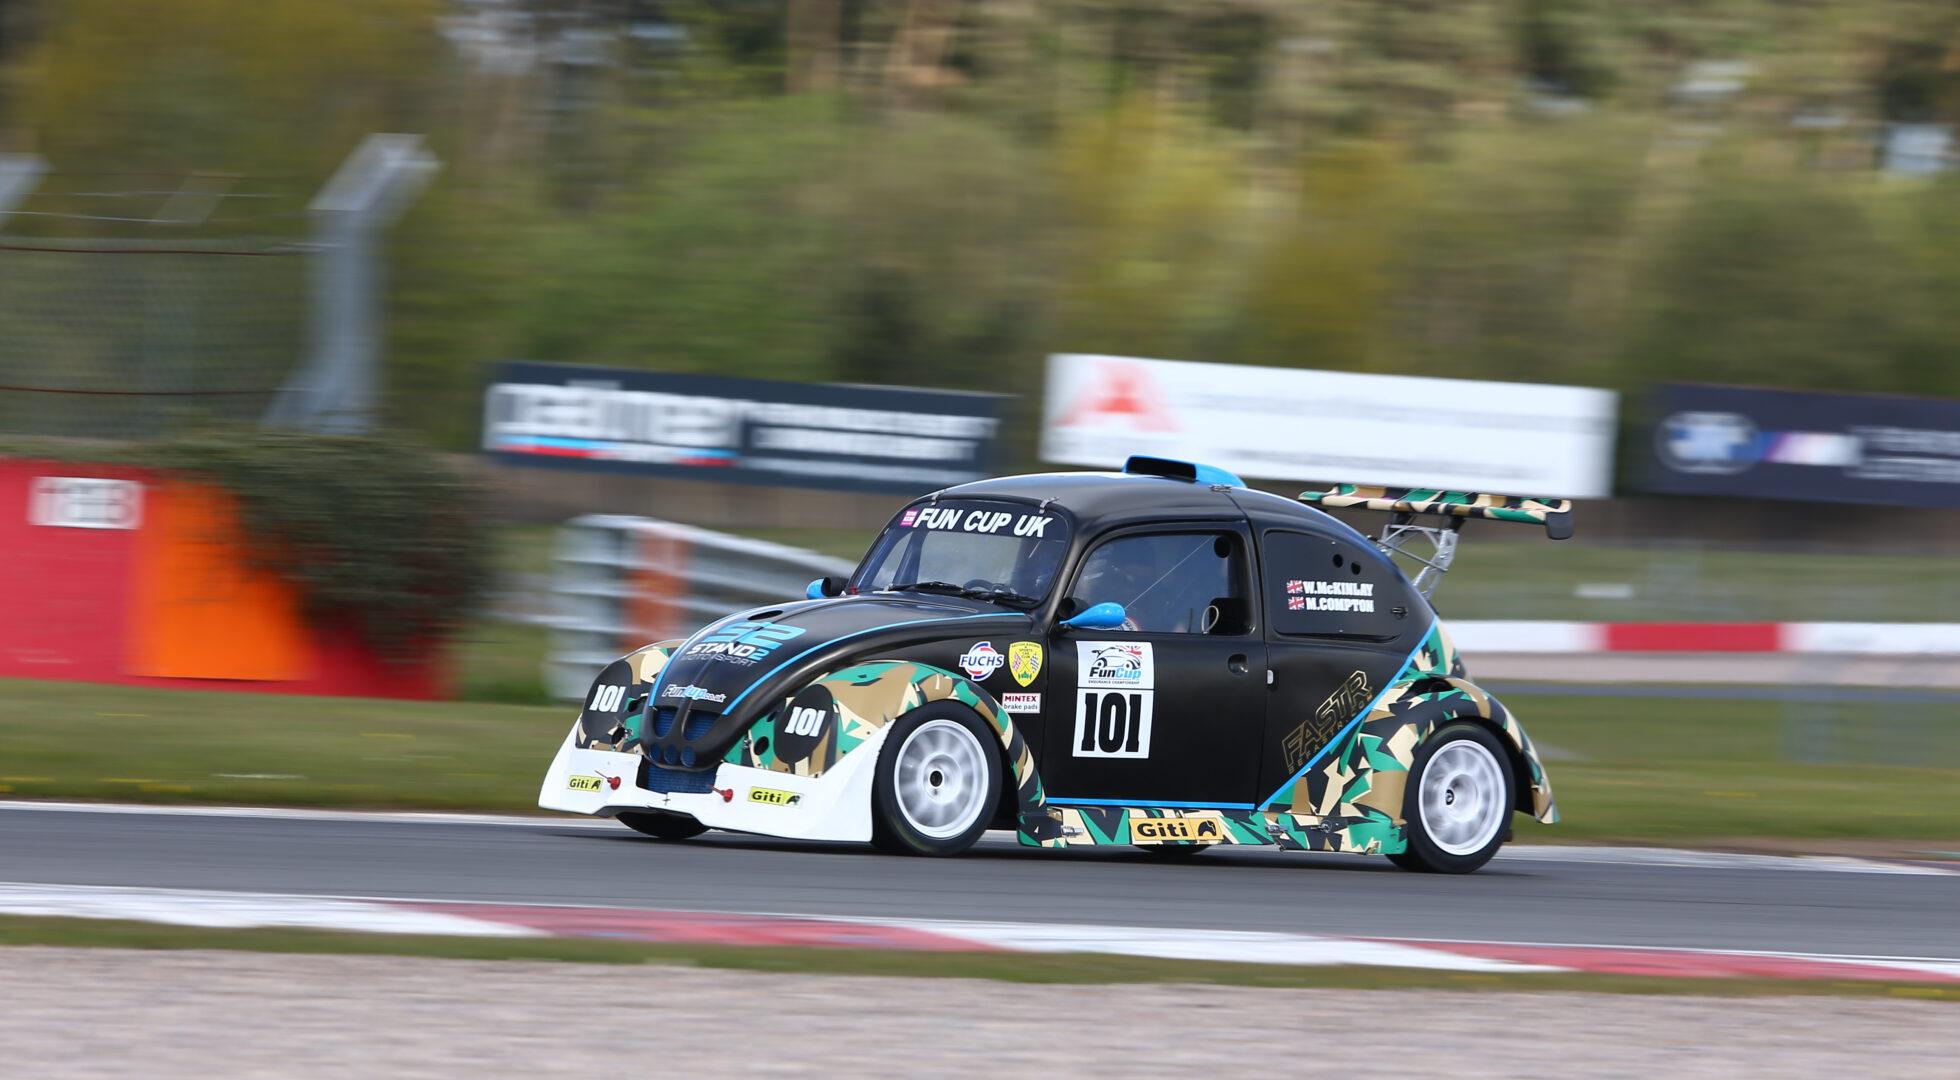 101 – Stand2 Motorsport